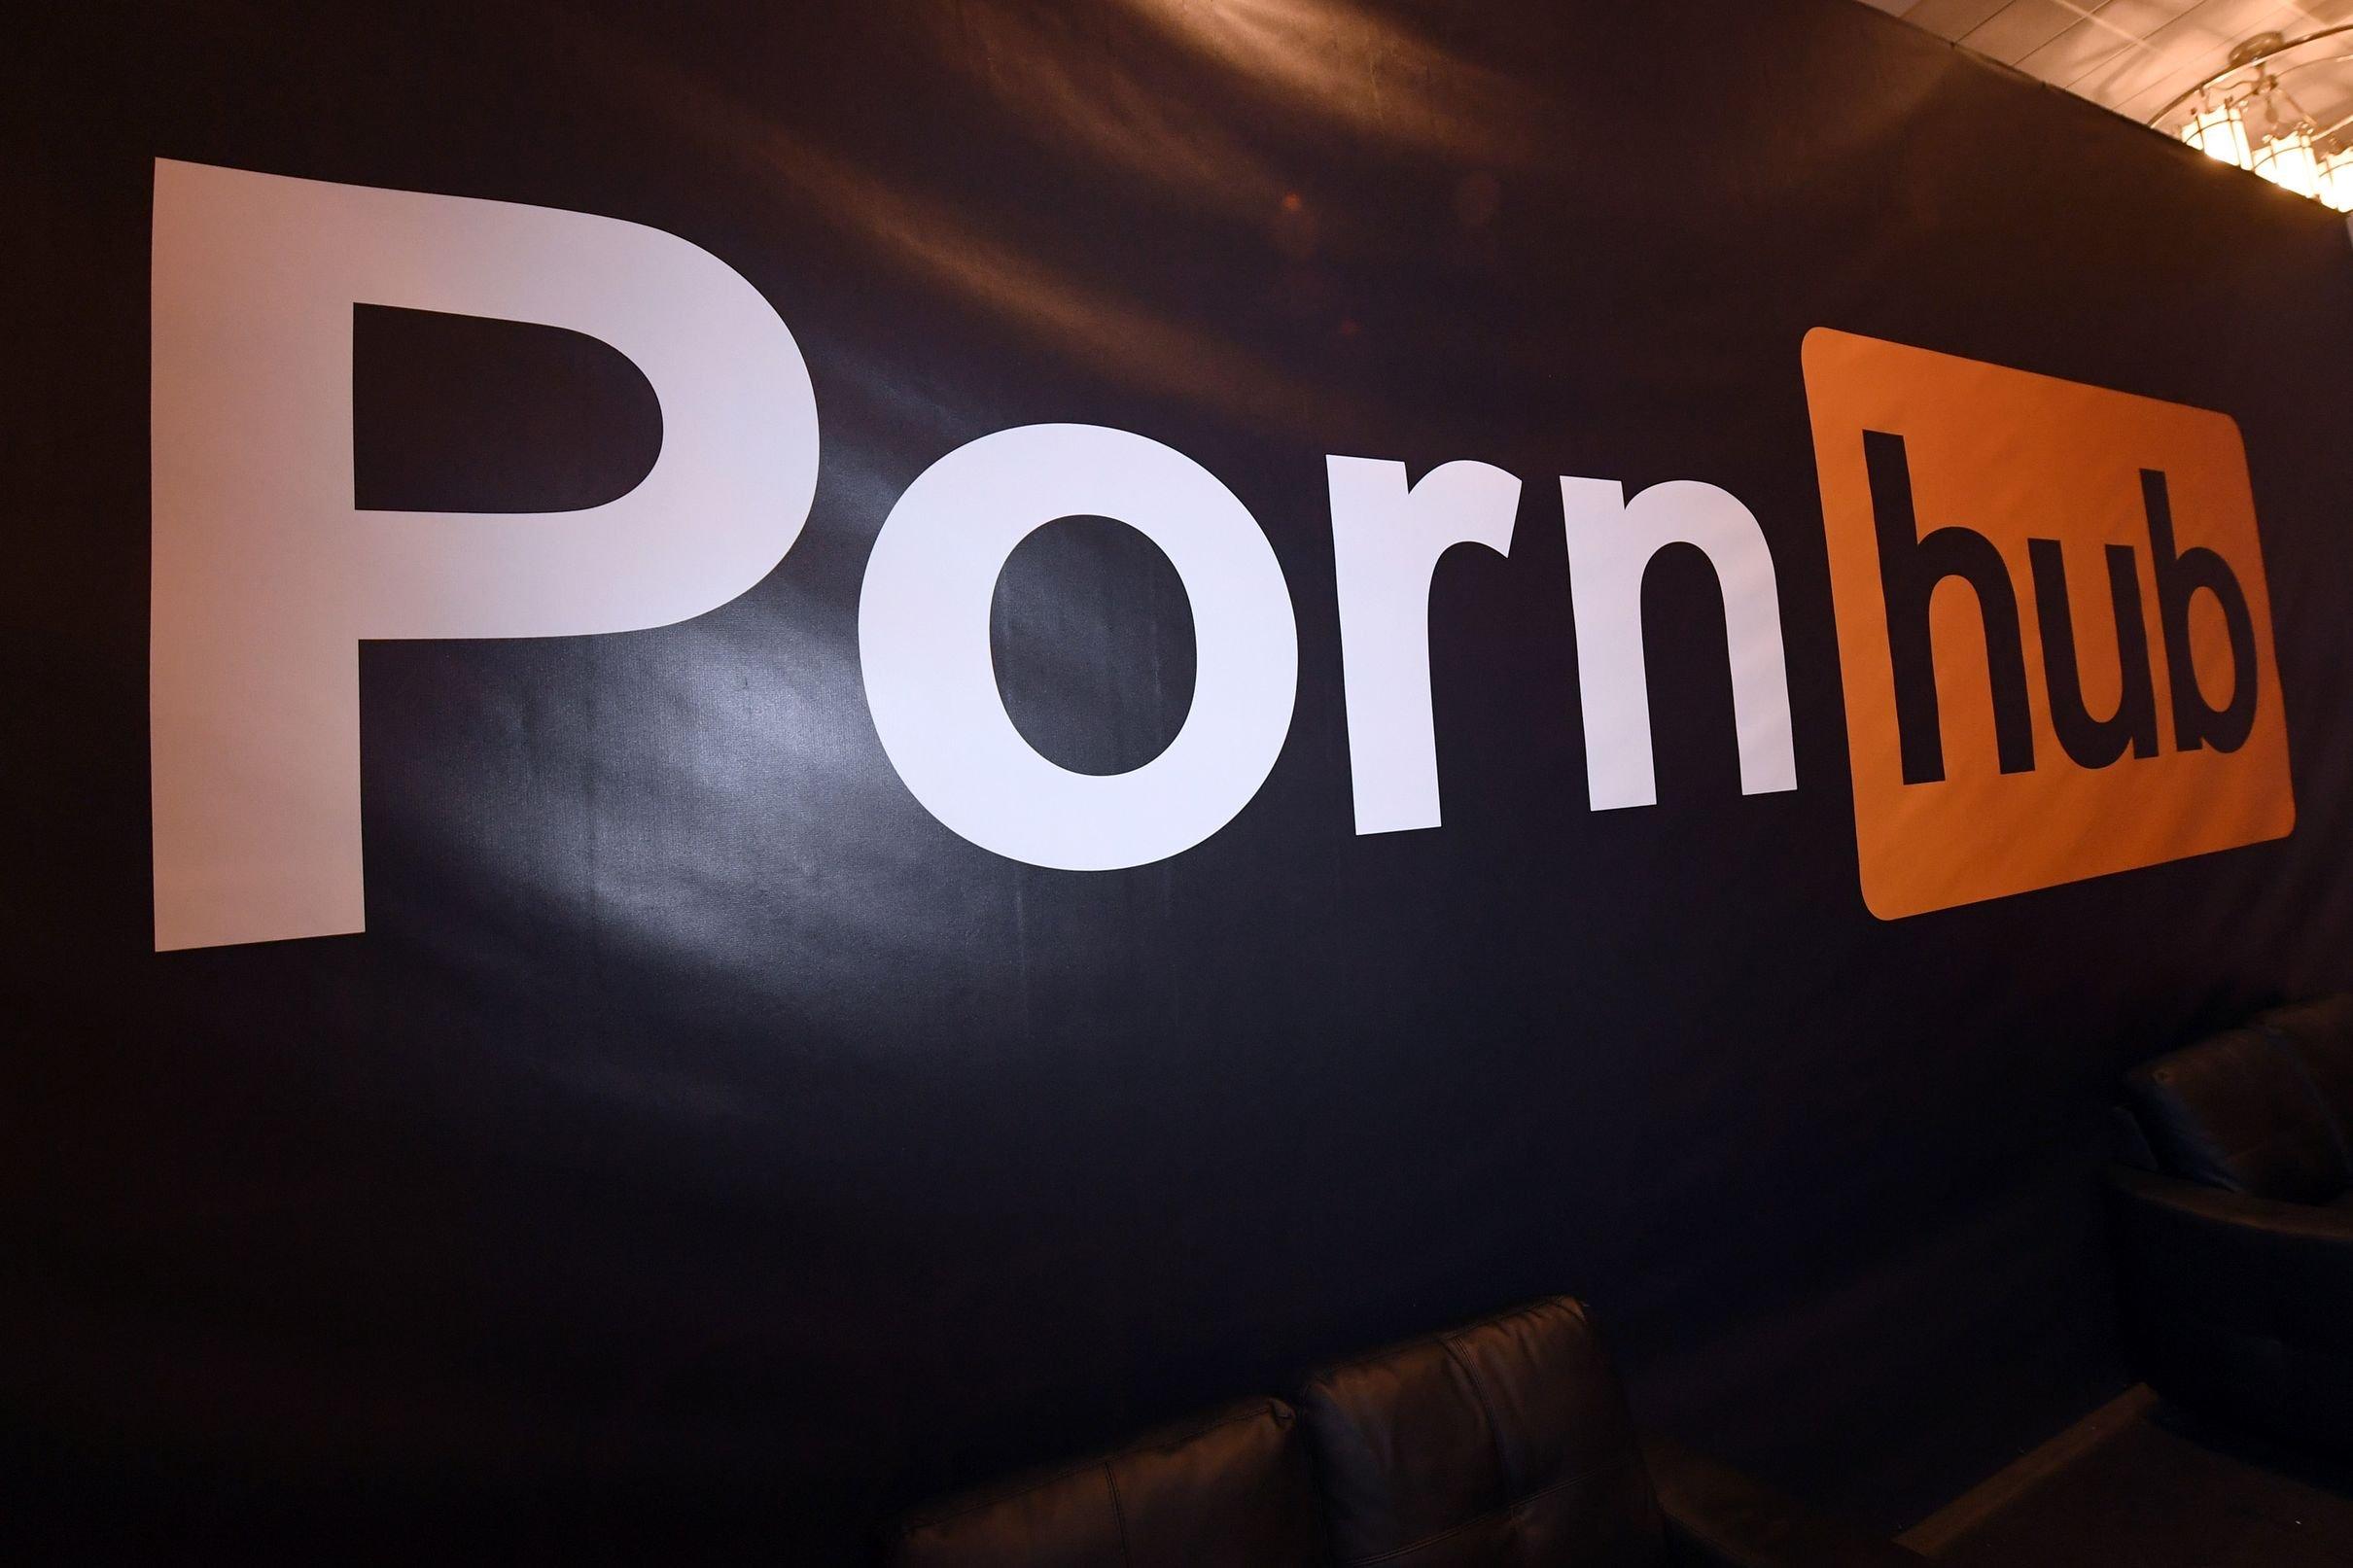 Pornhub помогает нескучать накарантине: сайт открыл бесплатный премиум-доступ для всех стран